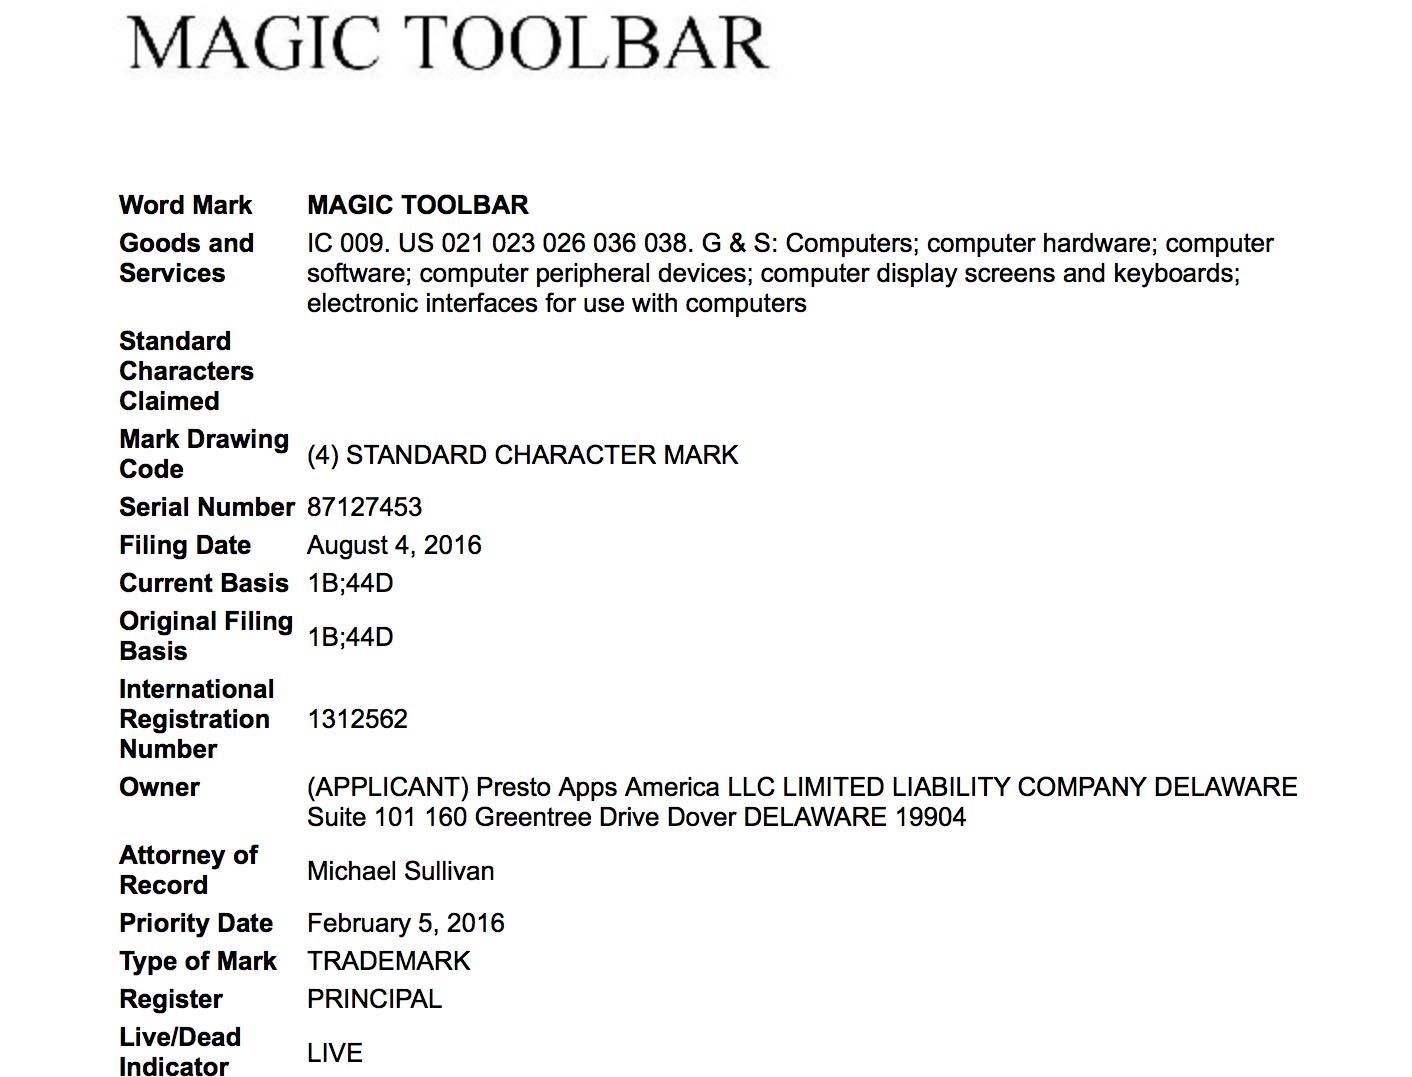 macbook pro 2016 nom de barre oled pourrait etre magic toolbar - MacBook Pro 2016 : le nom de la barre OLED pourrait être Magic Toolbar